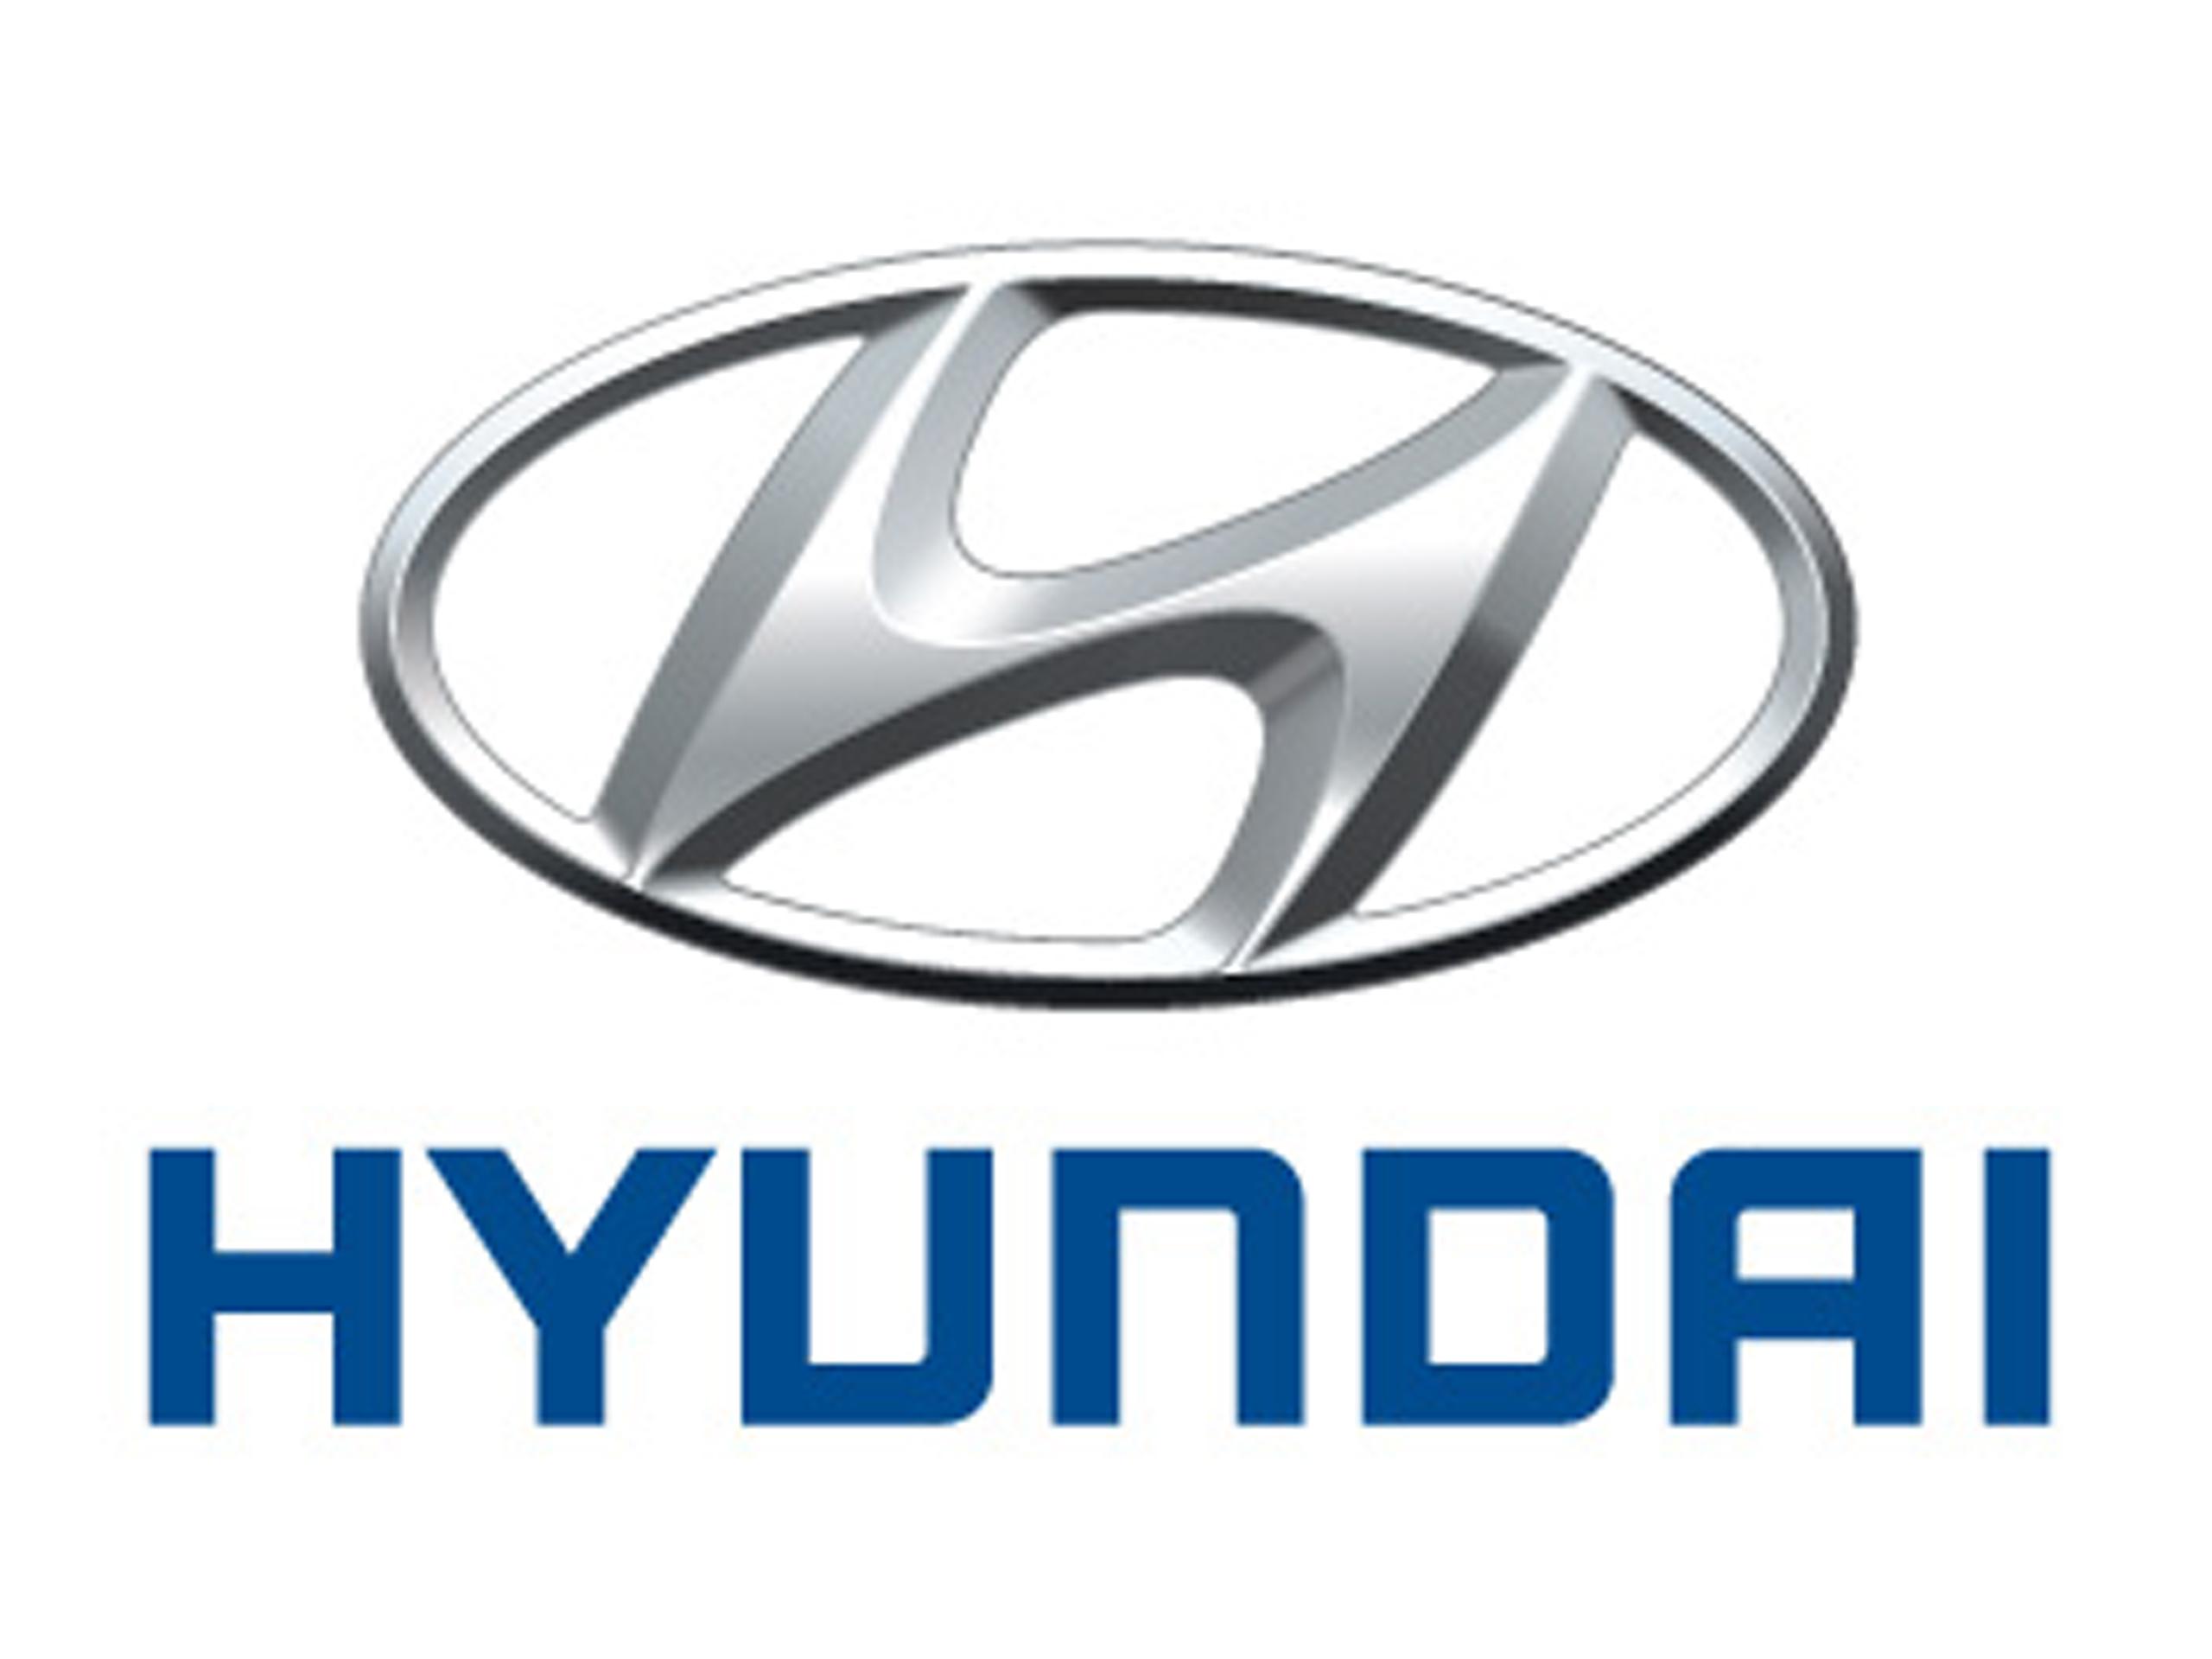 فروش نقد و اقساط خودروهای هیوندای مرداد 95